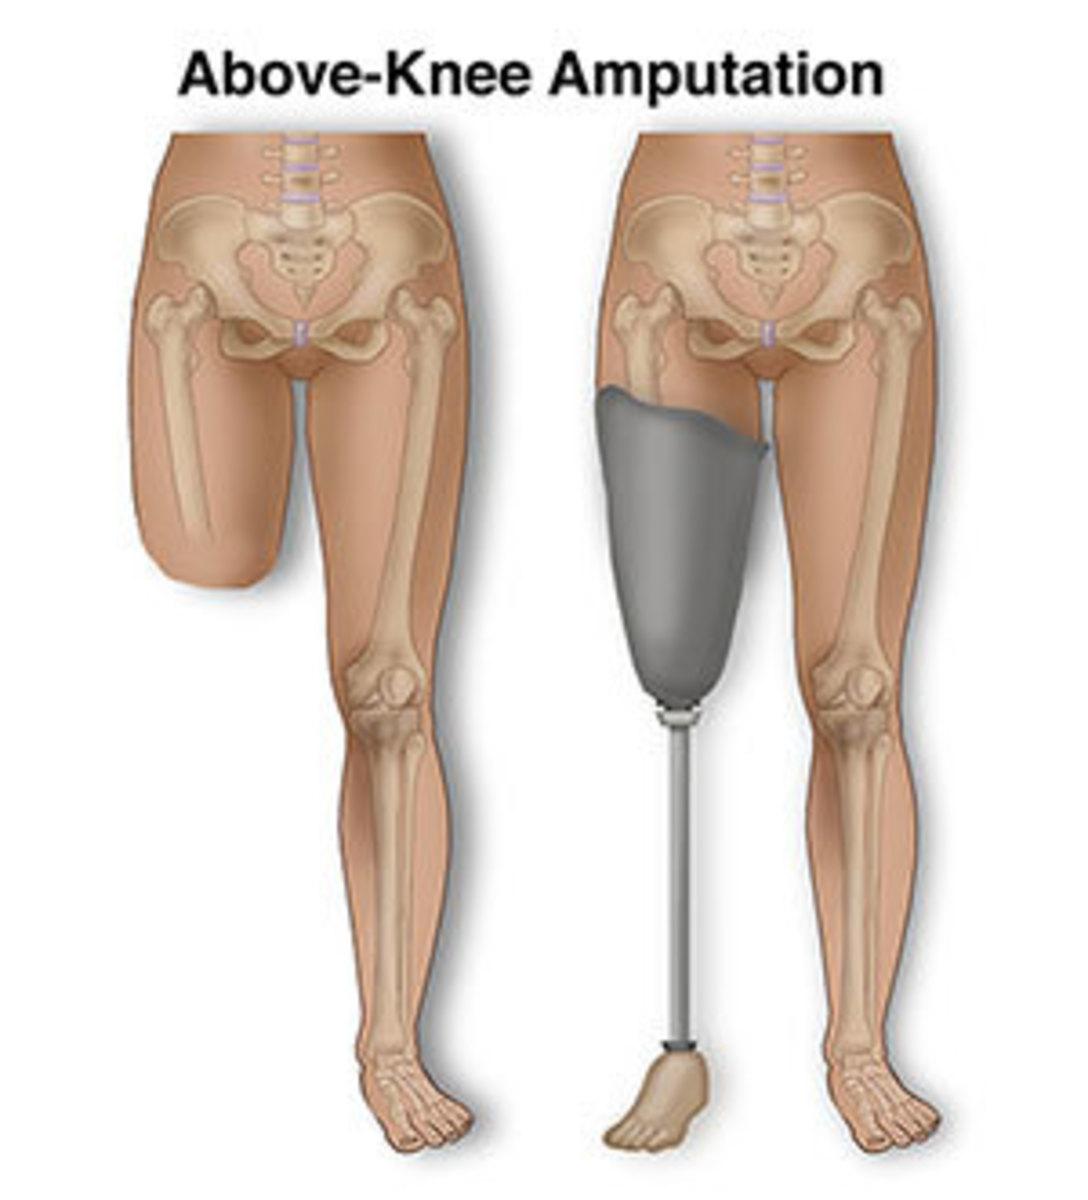 amputation-and-prosthetics